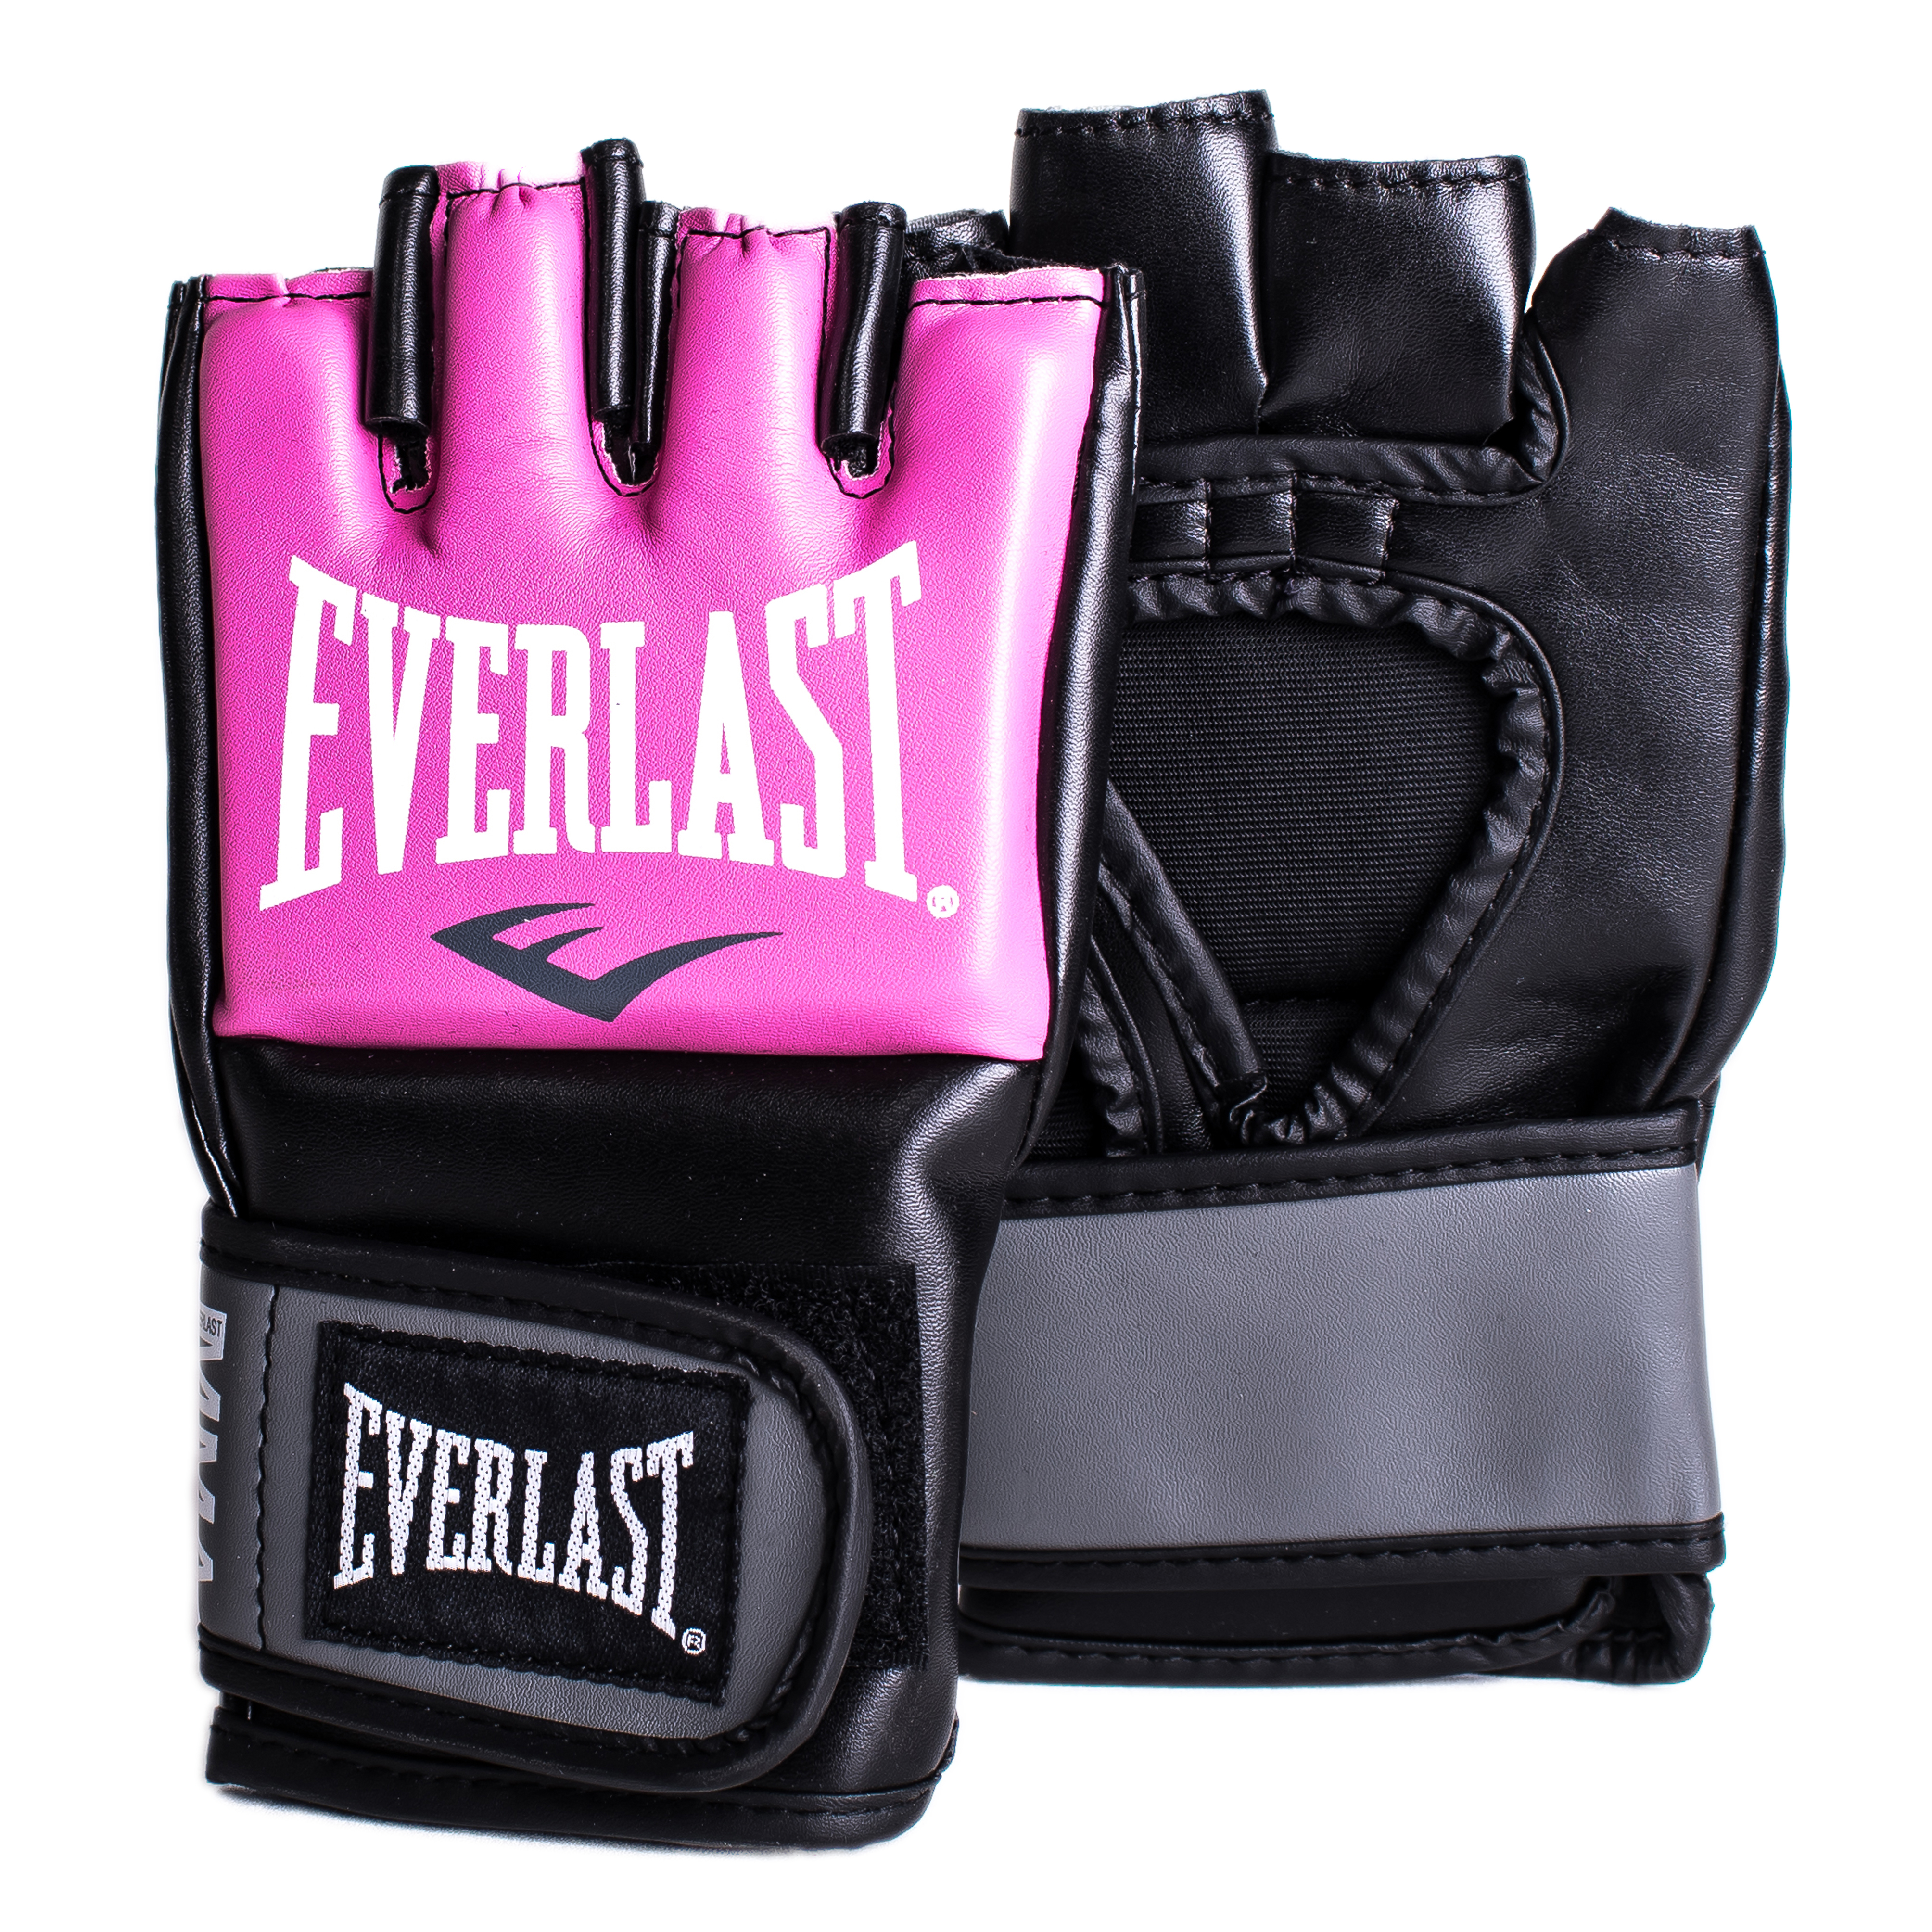 Перчатки тренировочные Everlast Pro Style Grappling, цвет: розовый. Размер S/M7778PSMUПерчатки Pro Style Grappling в новом дизайне предназначены для смешанных единоборств! Эргономичное строение перчатки позволяет достичь максимальной гибкости и комфорта. Регулируемый ремешок на липучке позволяет подогнать под нужный размер запястья. Перчатки выполнены из высококачественной синтетической кожи.